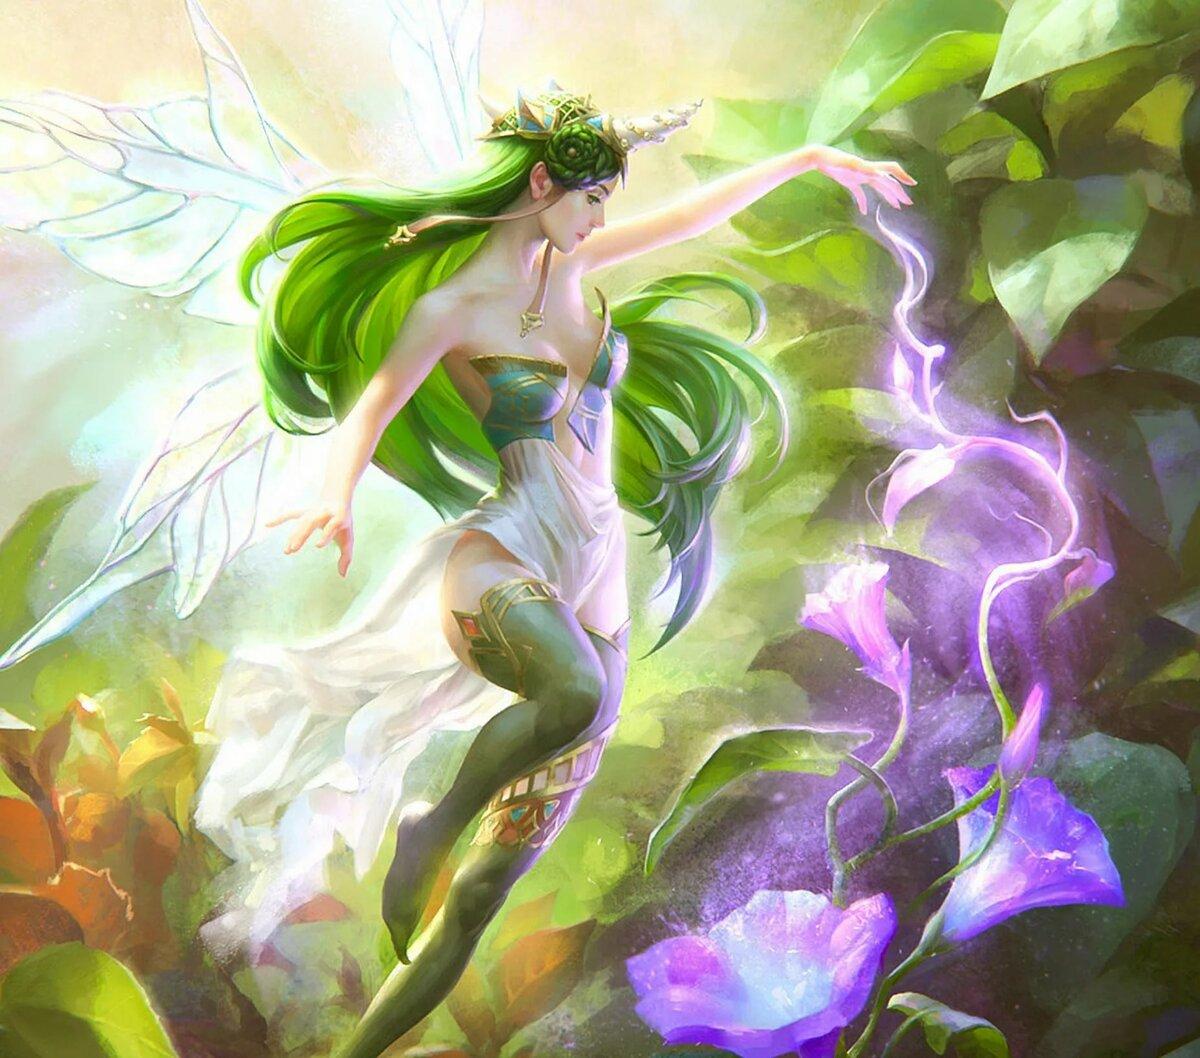 редкие картинки с феями и эльфами его